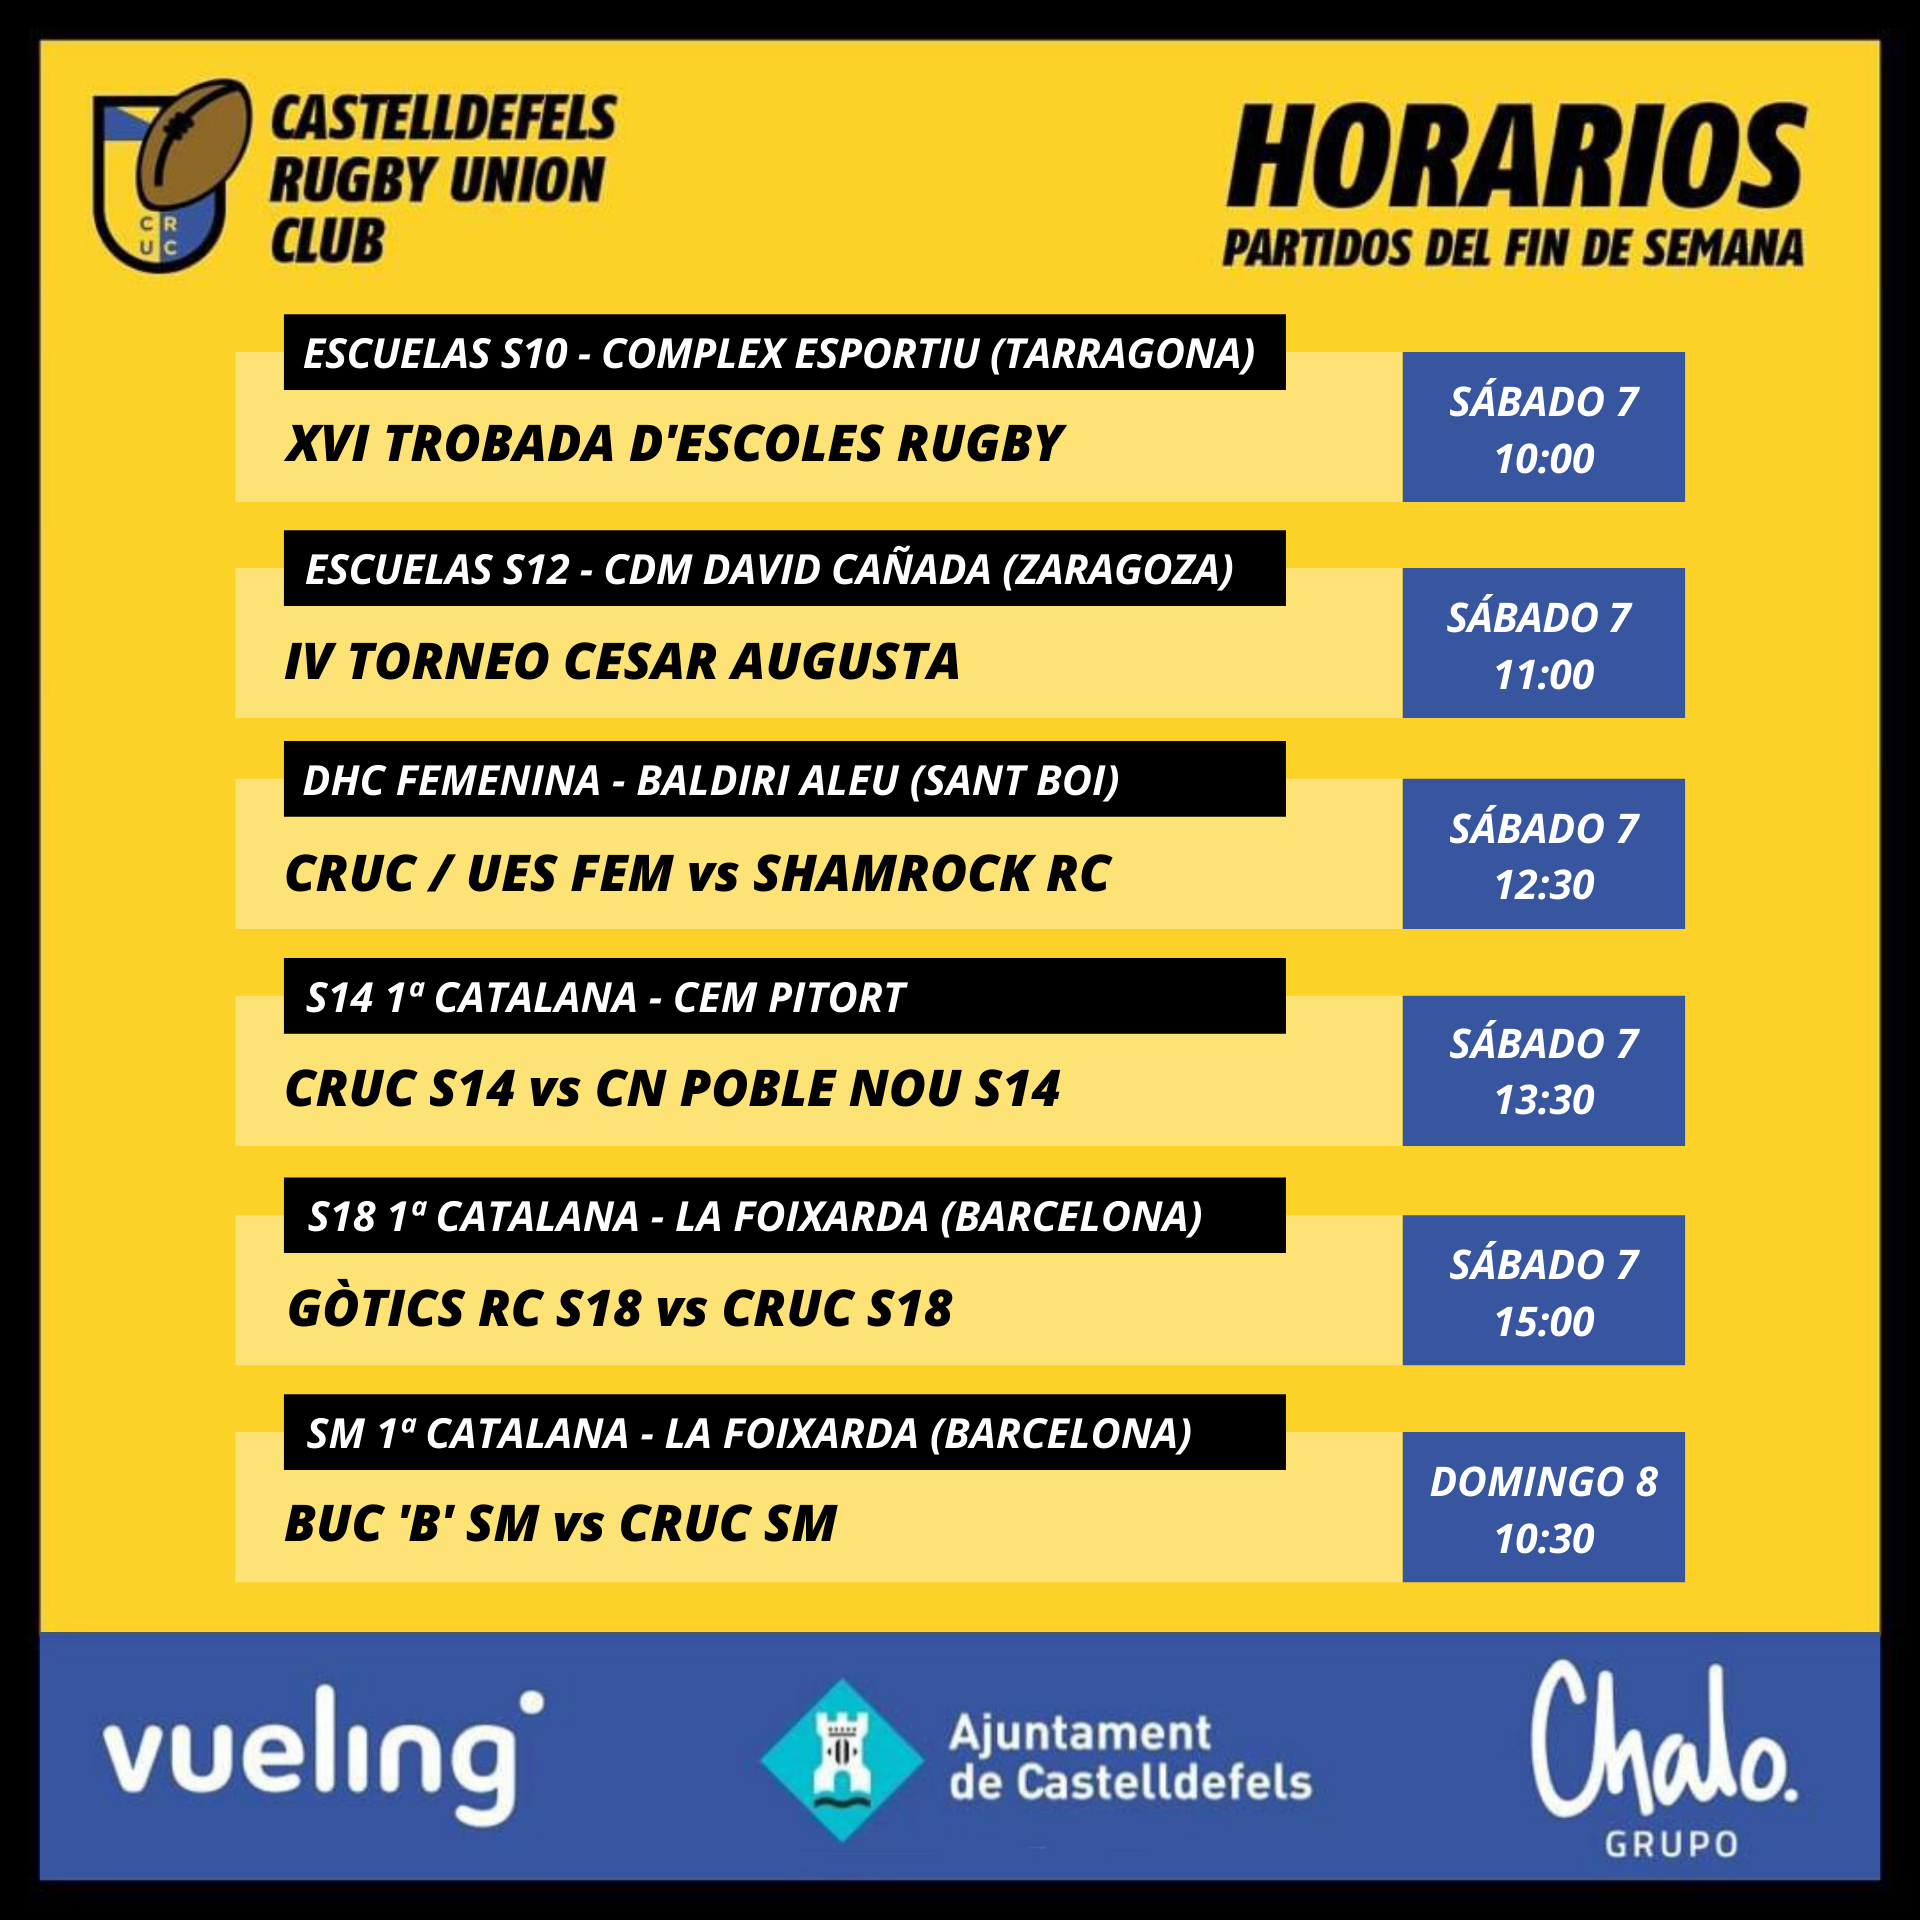 horarios de los partidos de rugby del cruc de este fin de semana